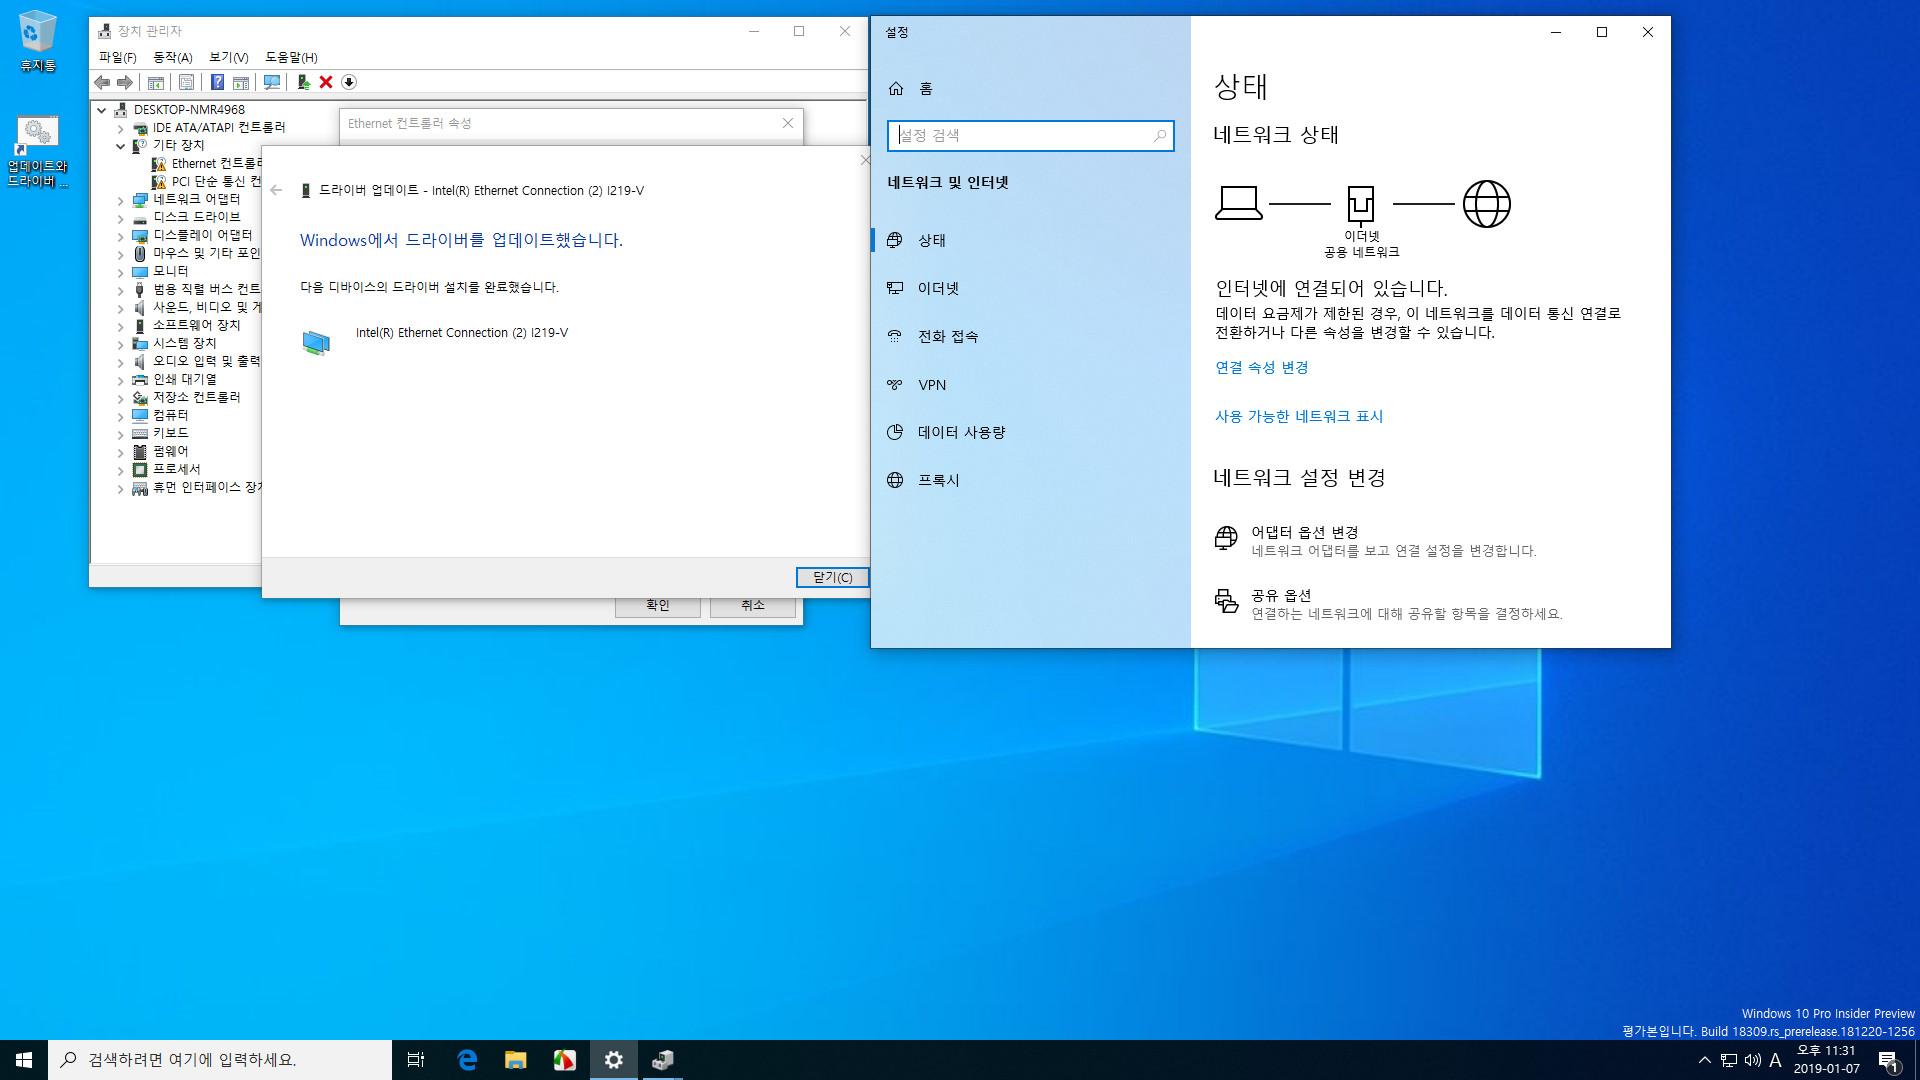 윈도10 19H1 인사이더 프리뷰 18309.1000 빌드 나왔네요 - 실컴에서 Windows Sandbox 테스트 - 어떤 드라이버가 충돌을 일으키는지 확인 테스트4 [윈도에 내장된 랜드라이버 제거] - 랜 드라이버 설치는 되고, 랜 드라이버 설치 후에 Sandbox 실행도 됨 2019-01-07_233102.jpg